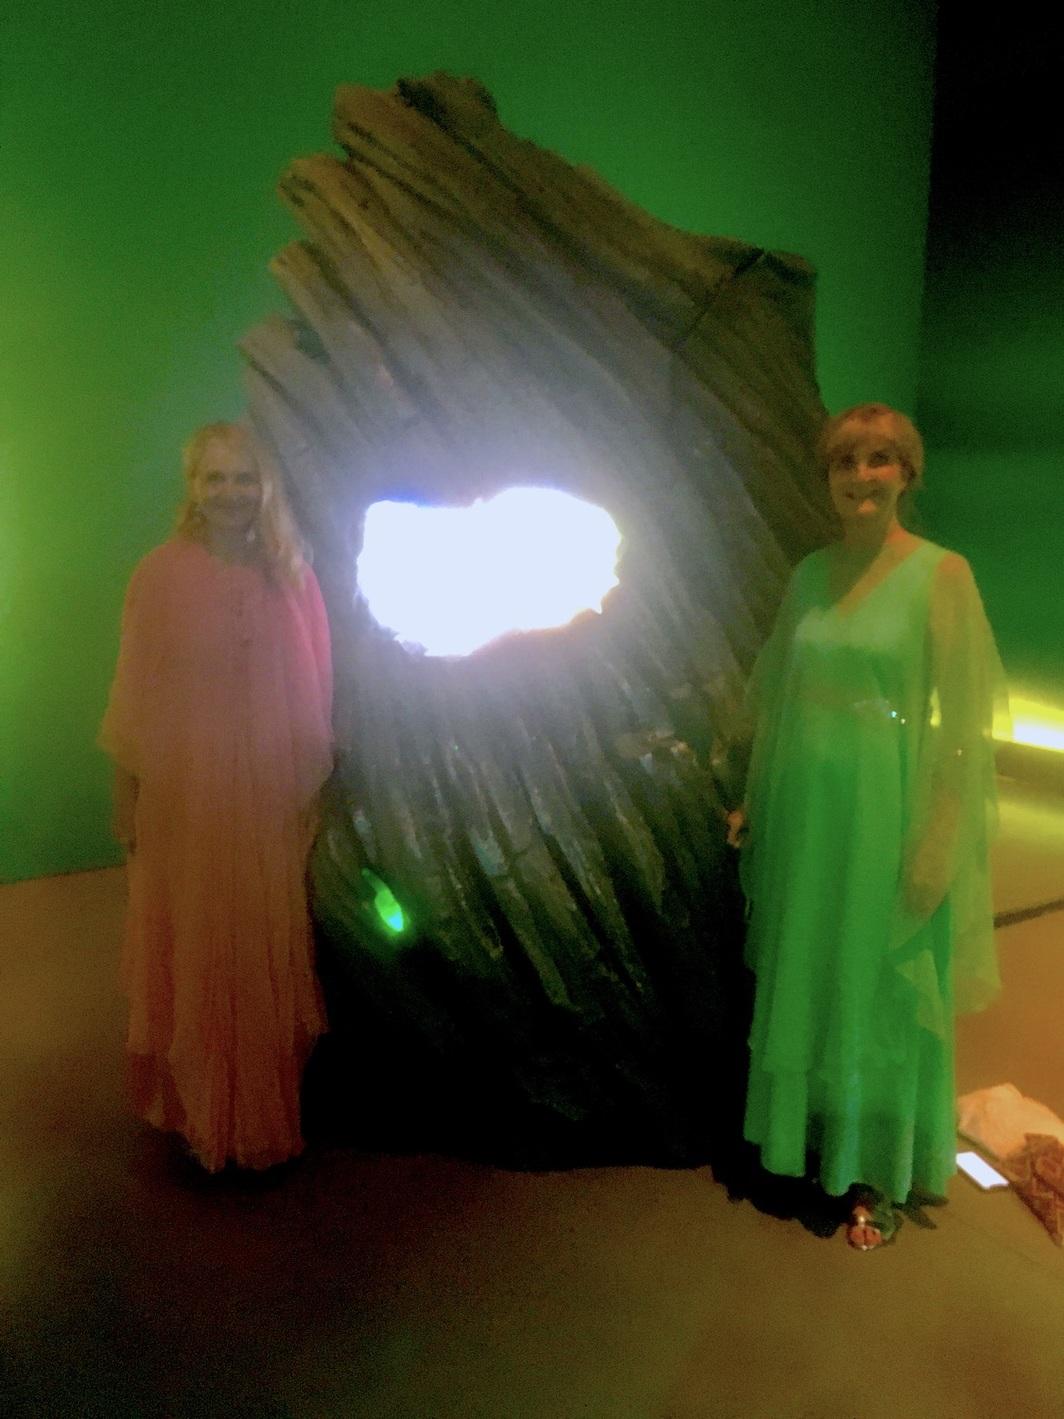 Jennifer Stovall and Celeste Appel. Photo: Chloe Wyma.